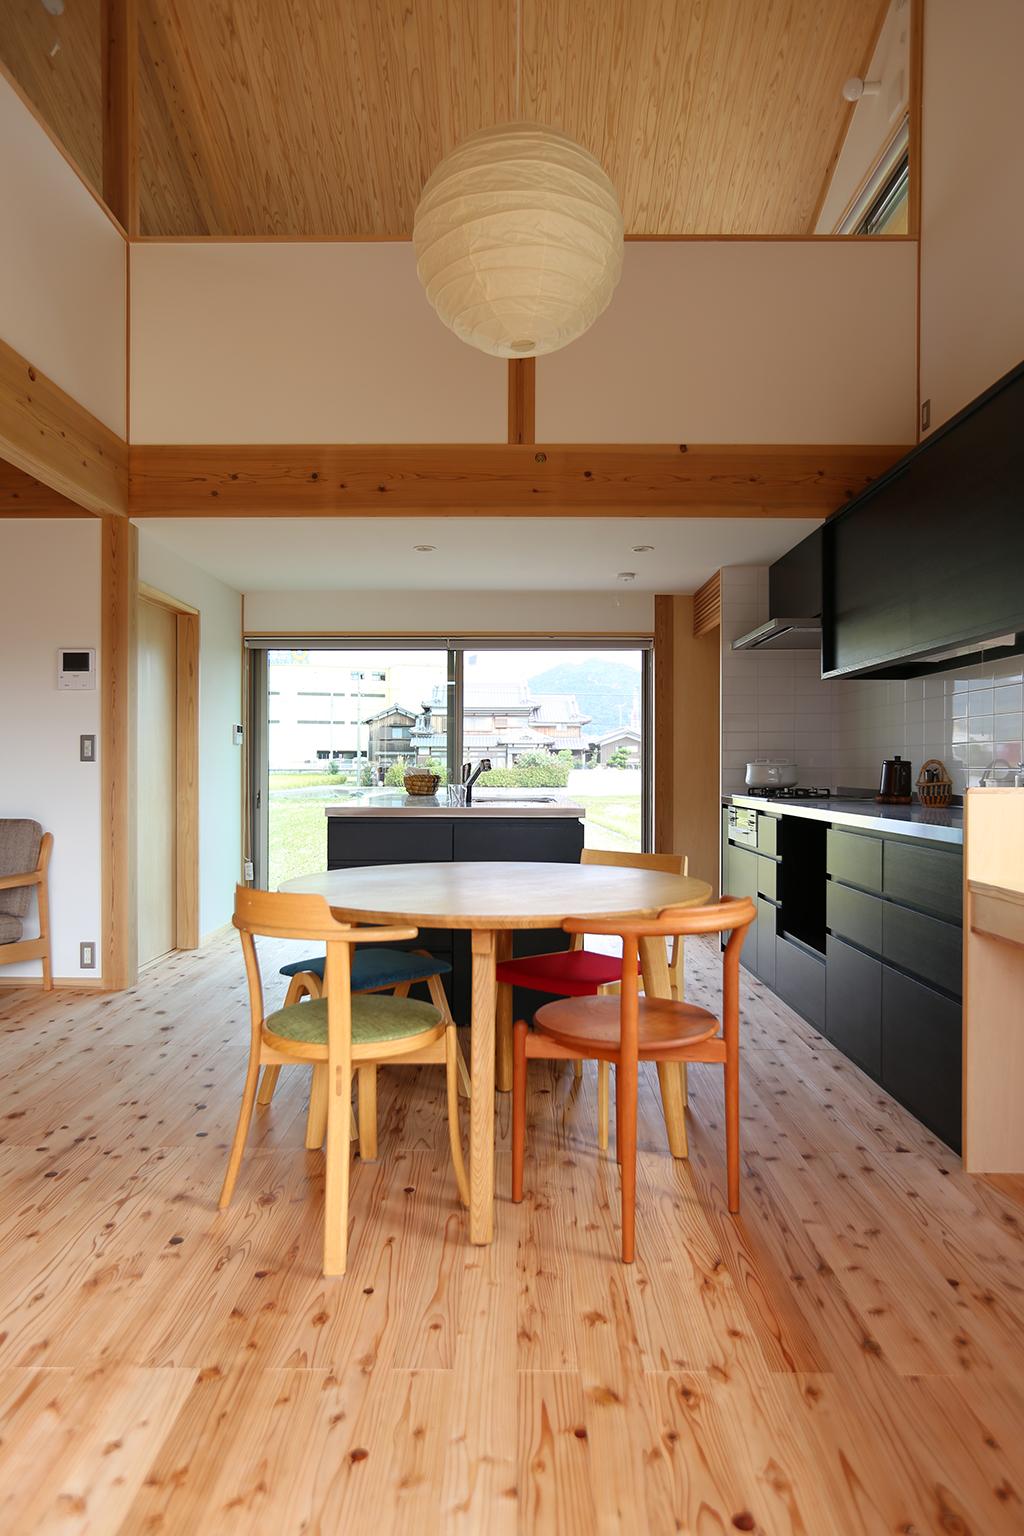 姫路市の木の家 ダイニングからキッチンを通してれんげ畑を望む